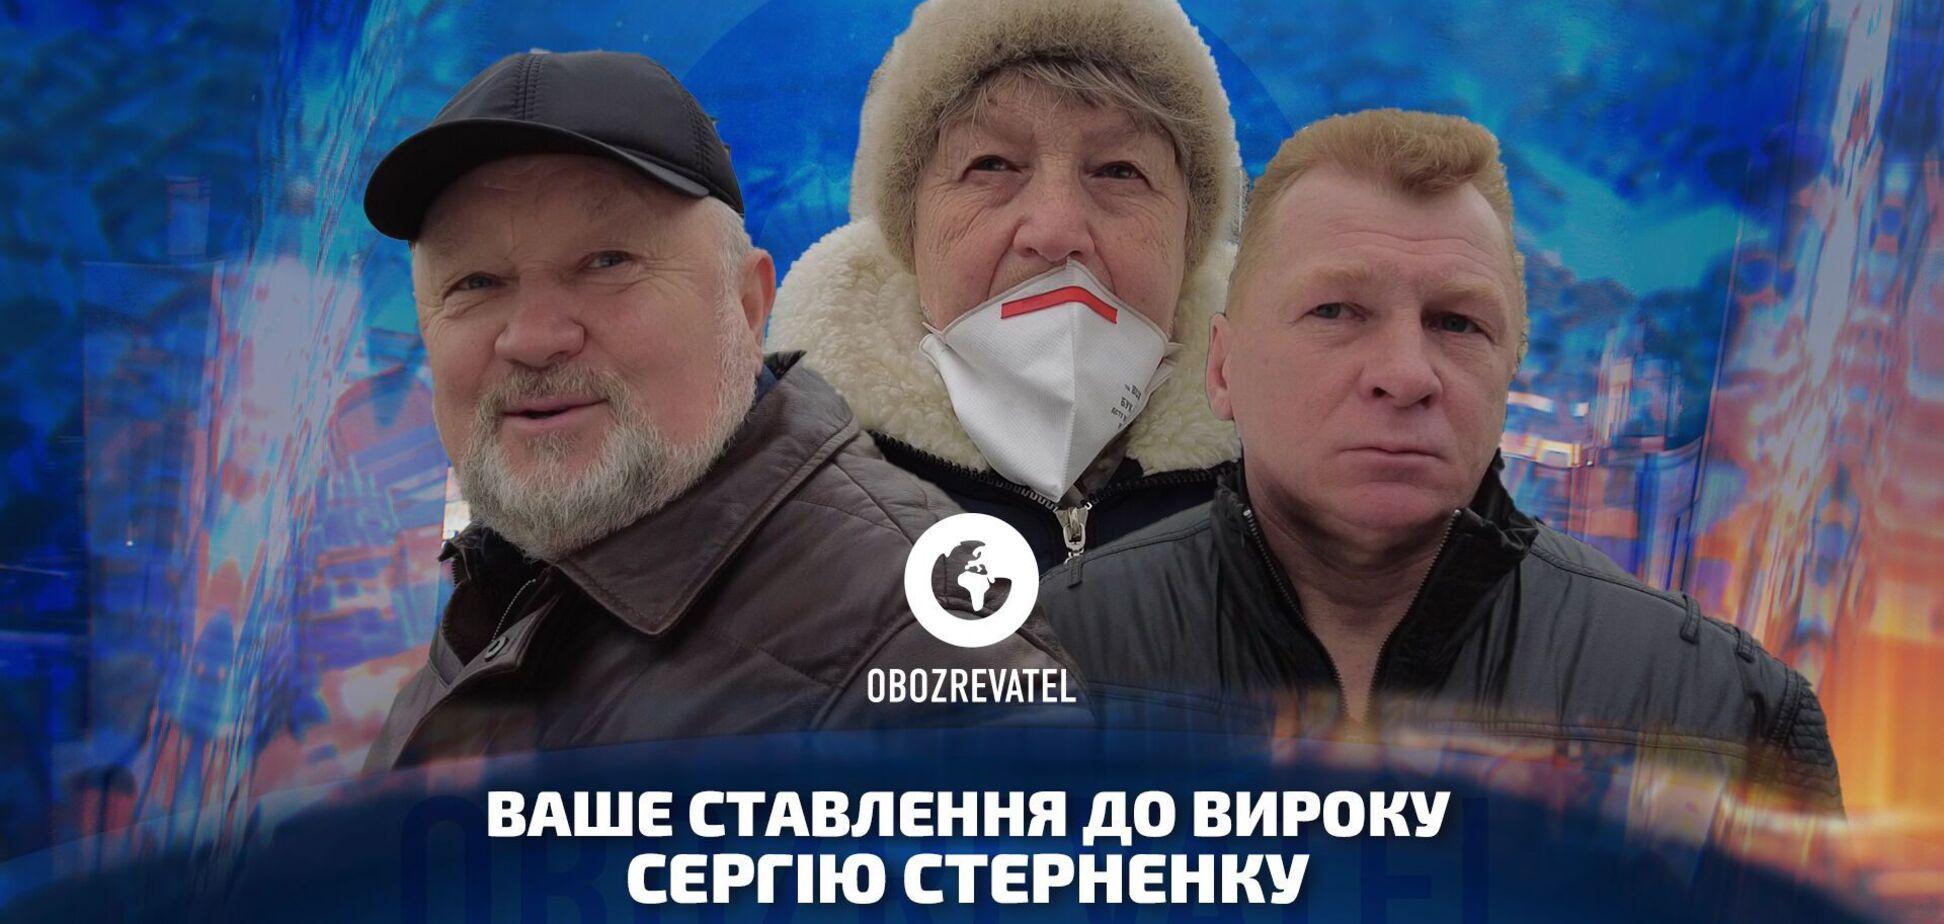 7 лет лишения свободы для Стерненко: отношение украинцев